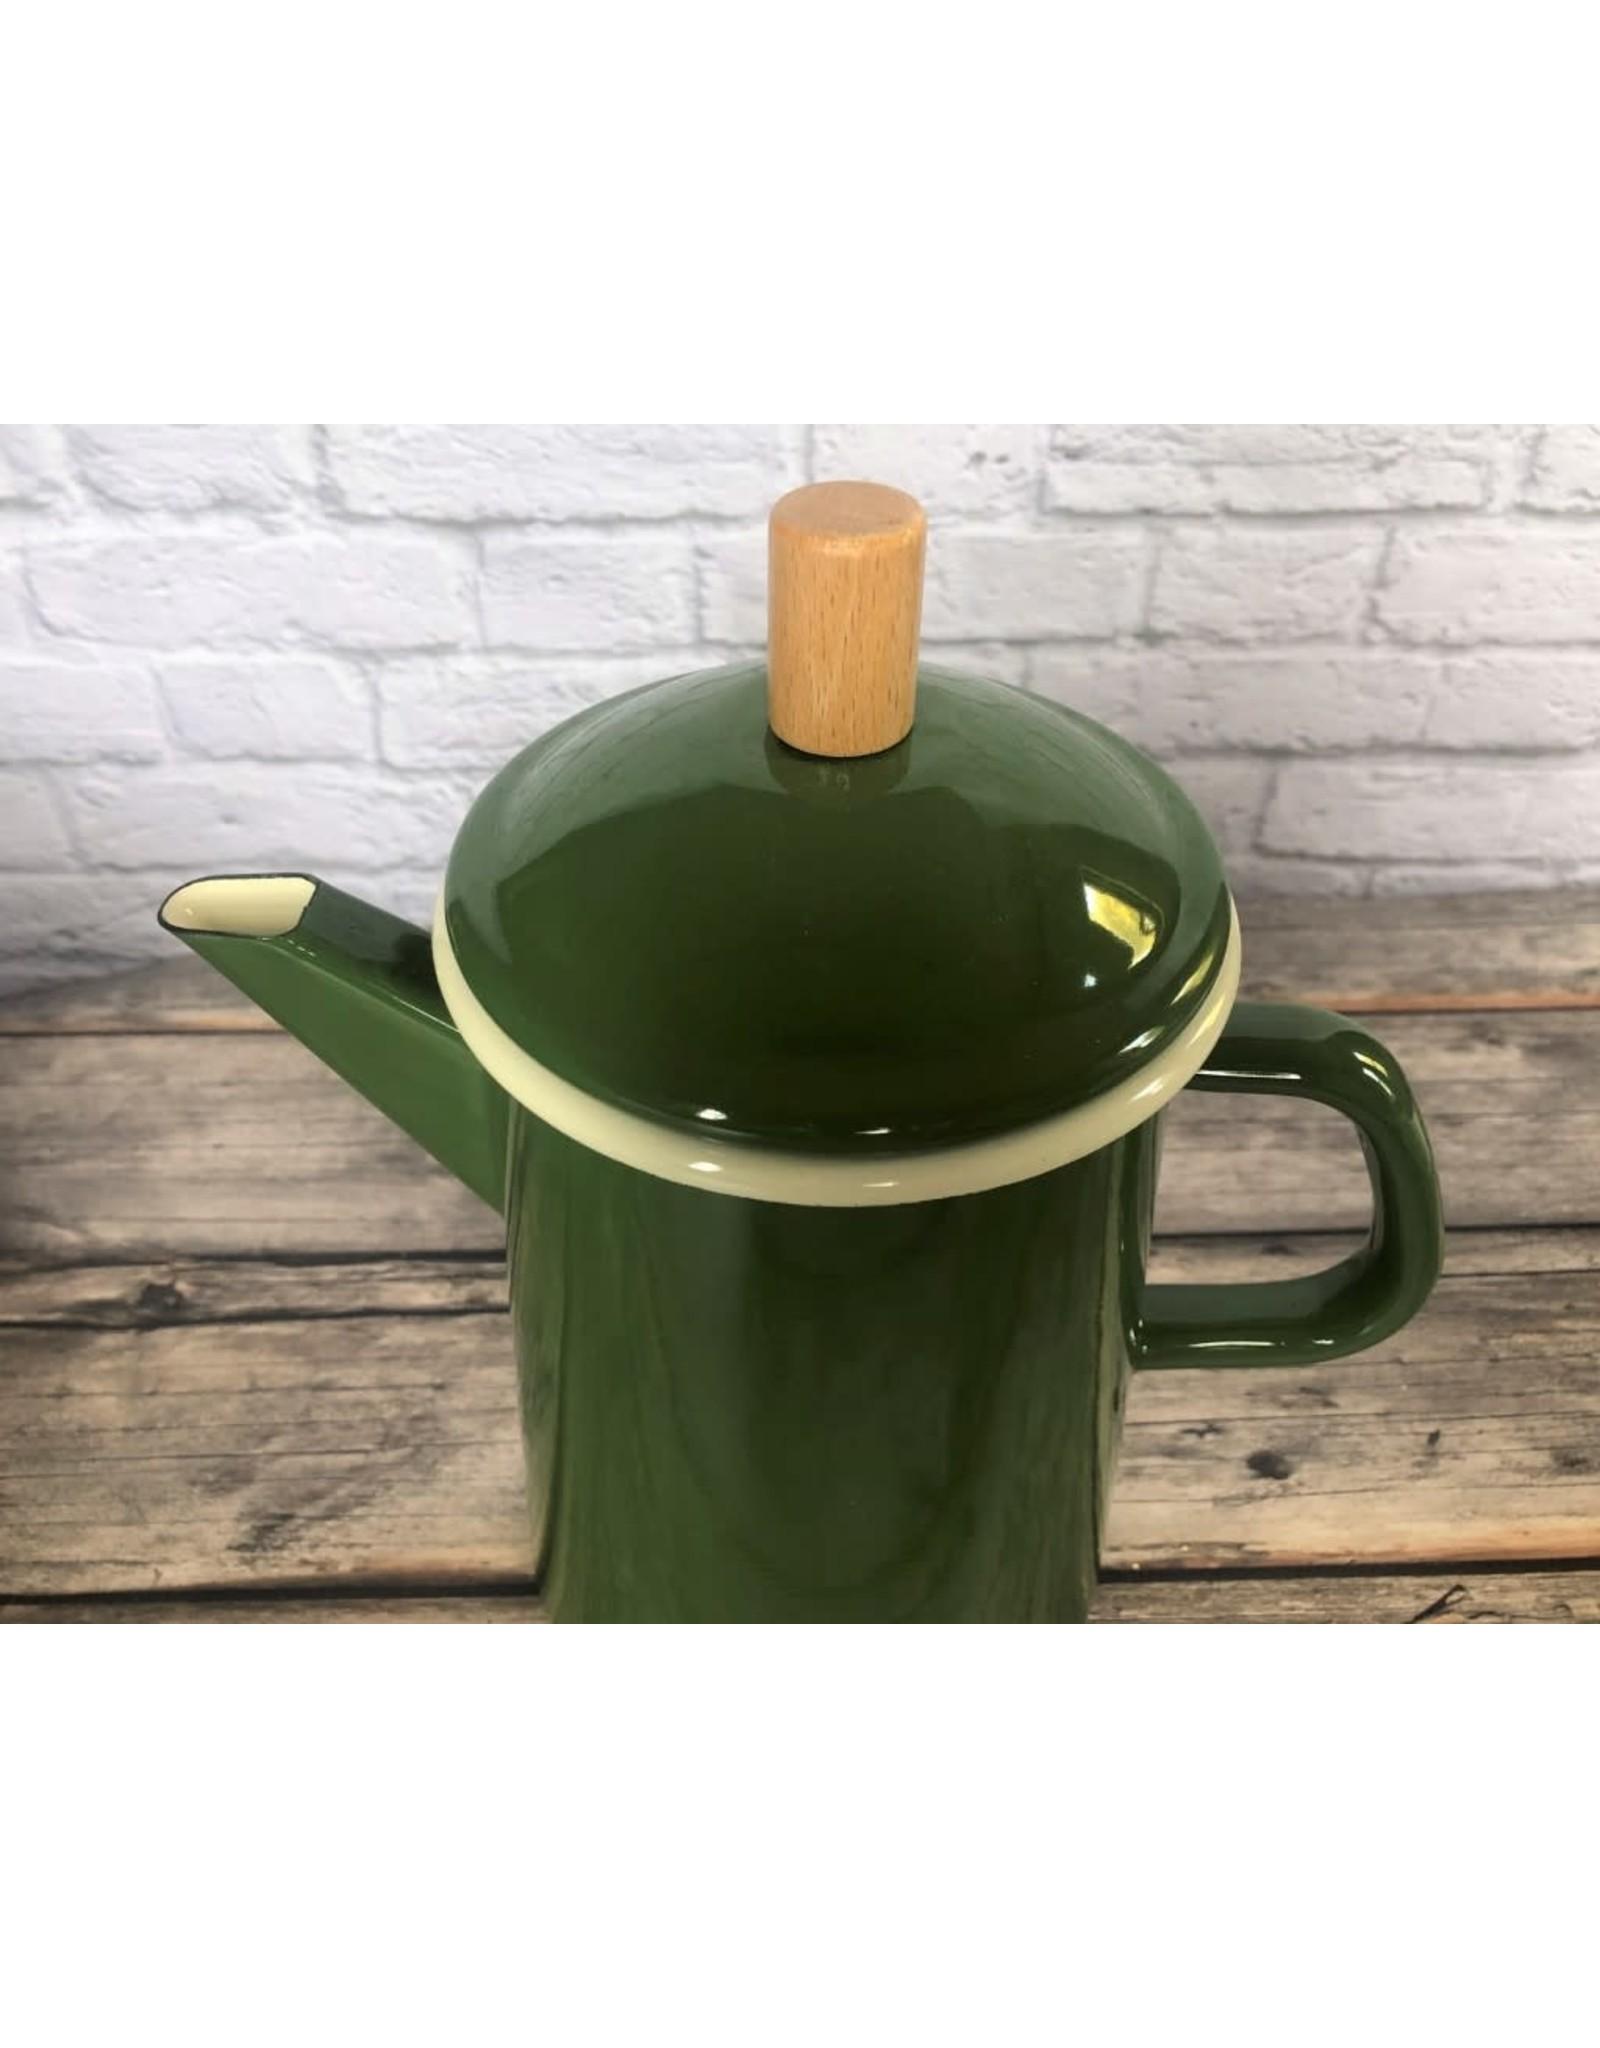 Retro Enamelware Coffee Pot in Green